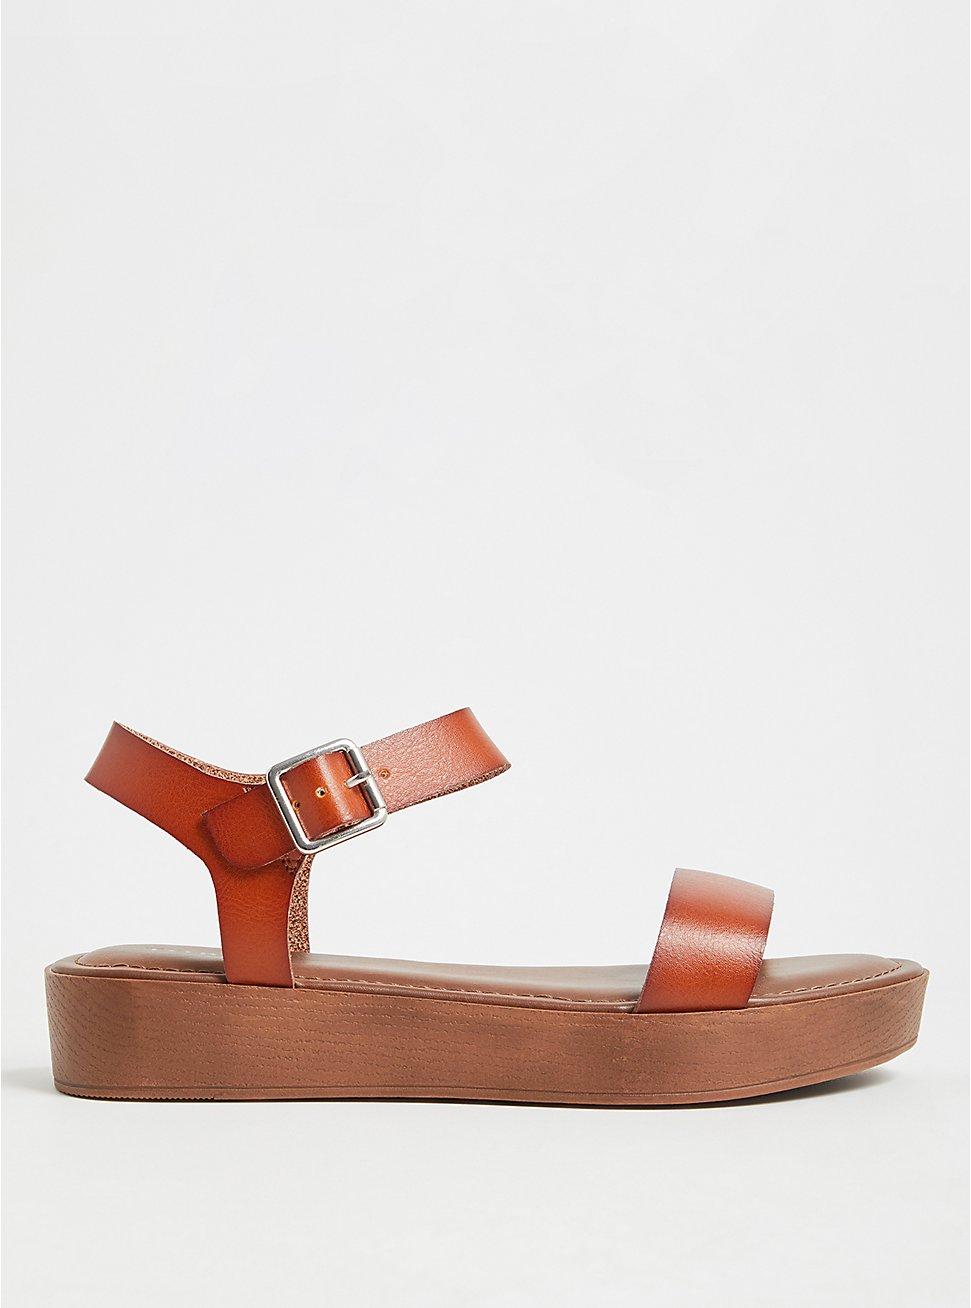 Plus Size Cognac Faux Leather Ankle Strap Faux Wood Flatform Sandal (WW), COGNAC, hi-res